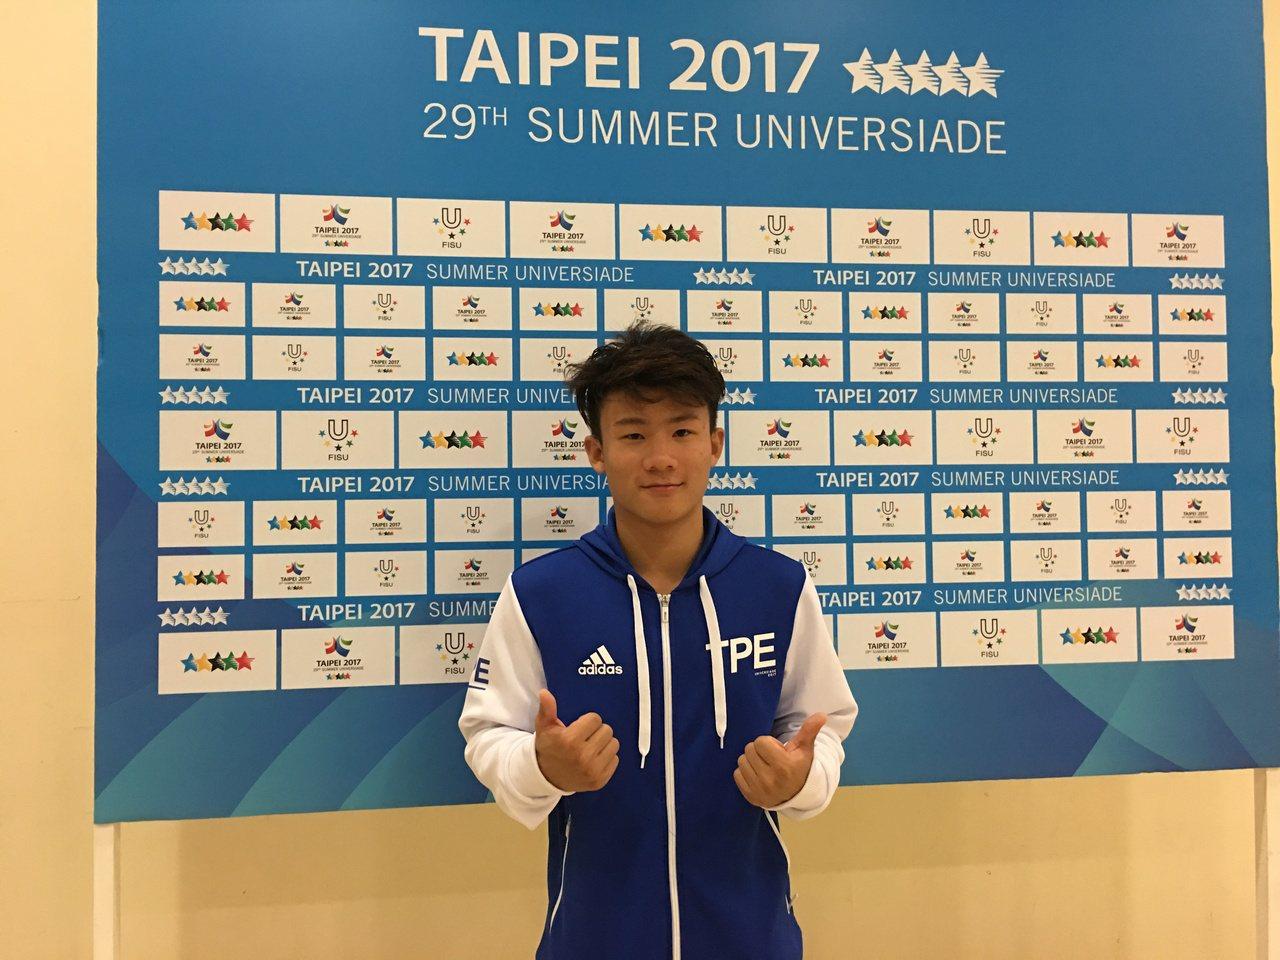 中華跳水隊唯一的男子代表林昀蒂,今天完成世大運初體驗。 記者曾思儒/攝影